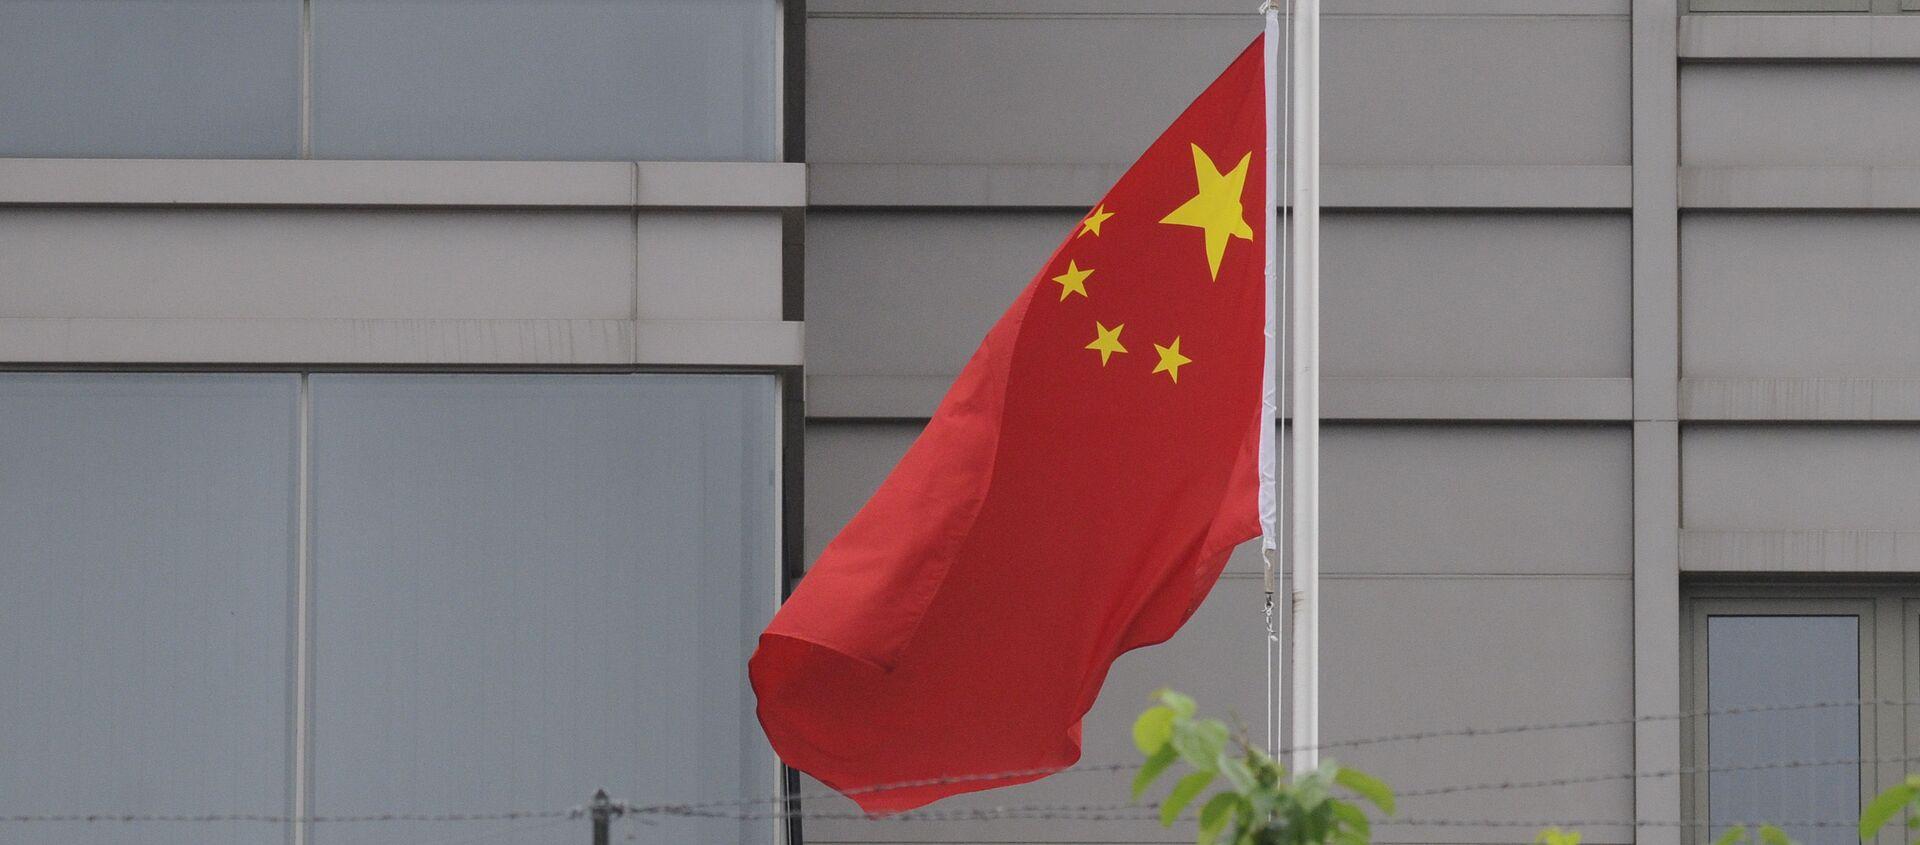 Cờ trong khuôn viên của Tổng lãnh sự quán Trung Quốc tại Houston - Sputnik Việt Nam, 1920, 16.09.2021